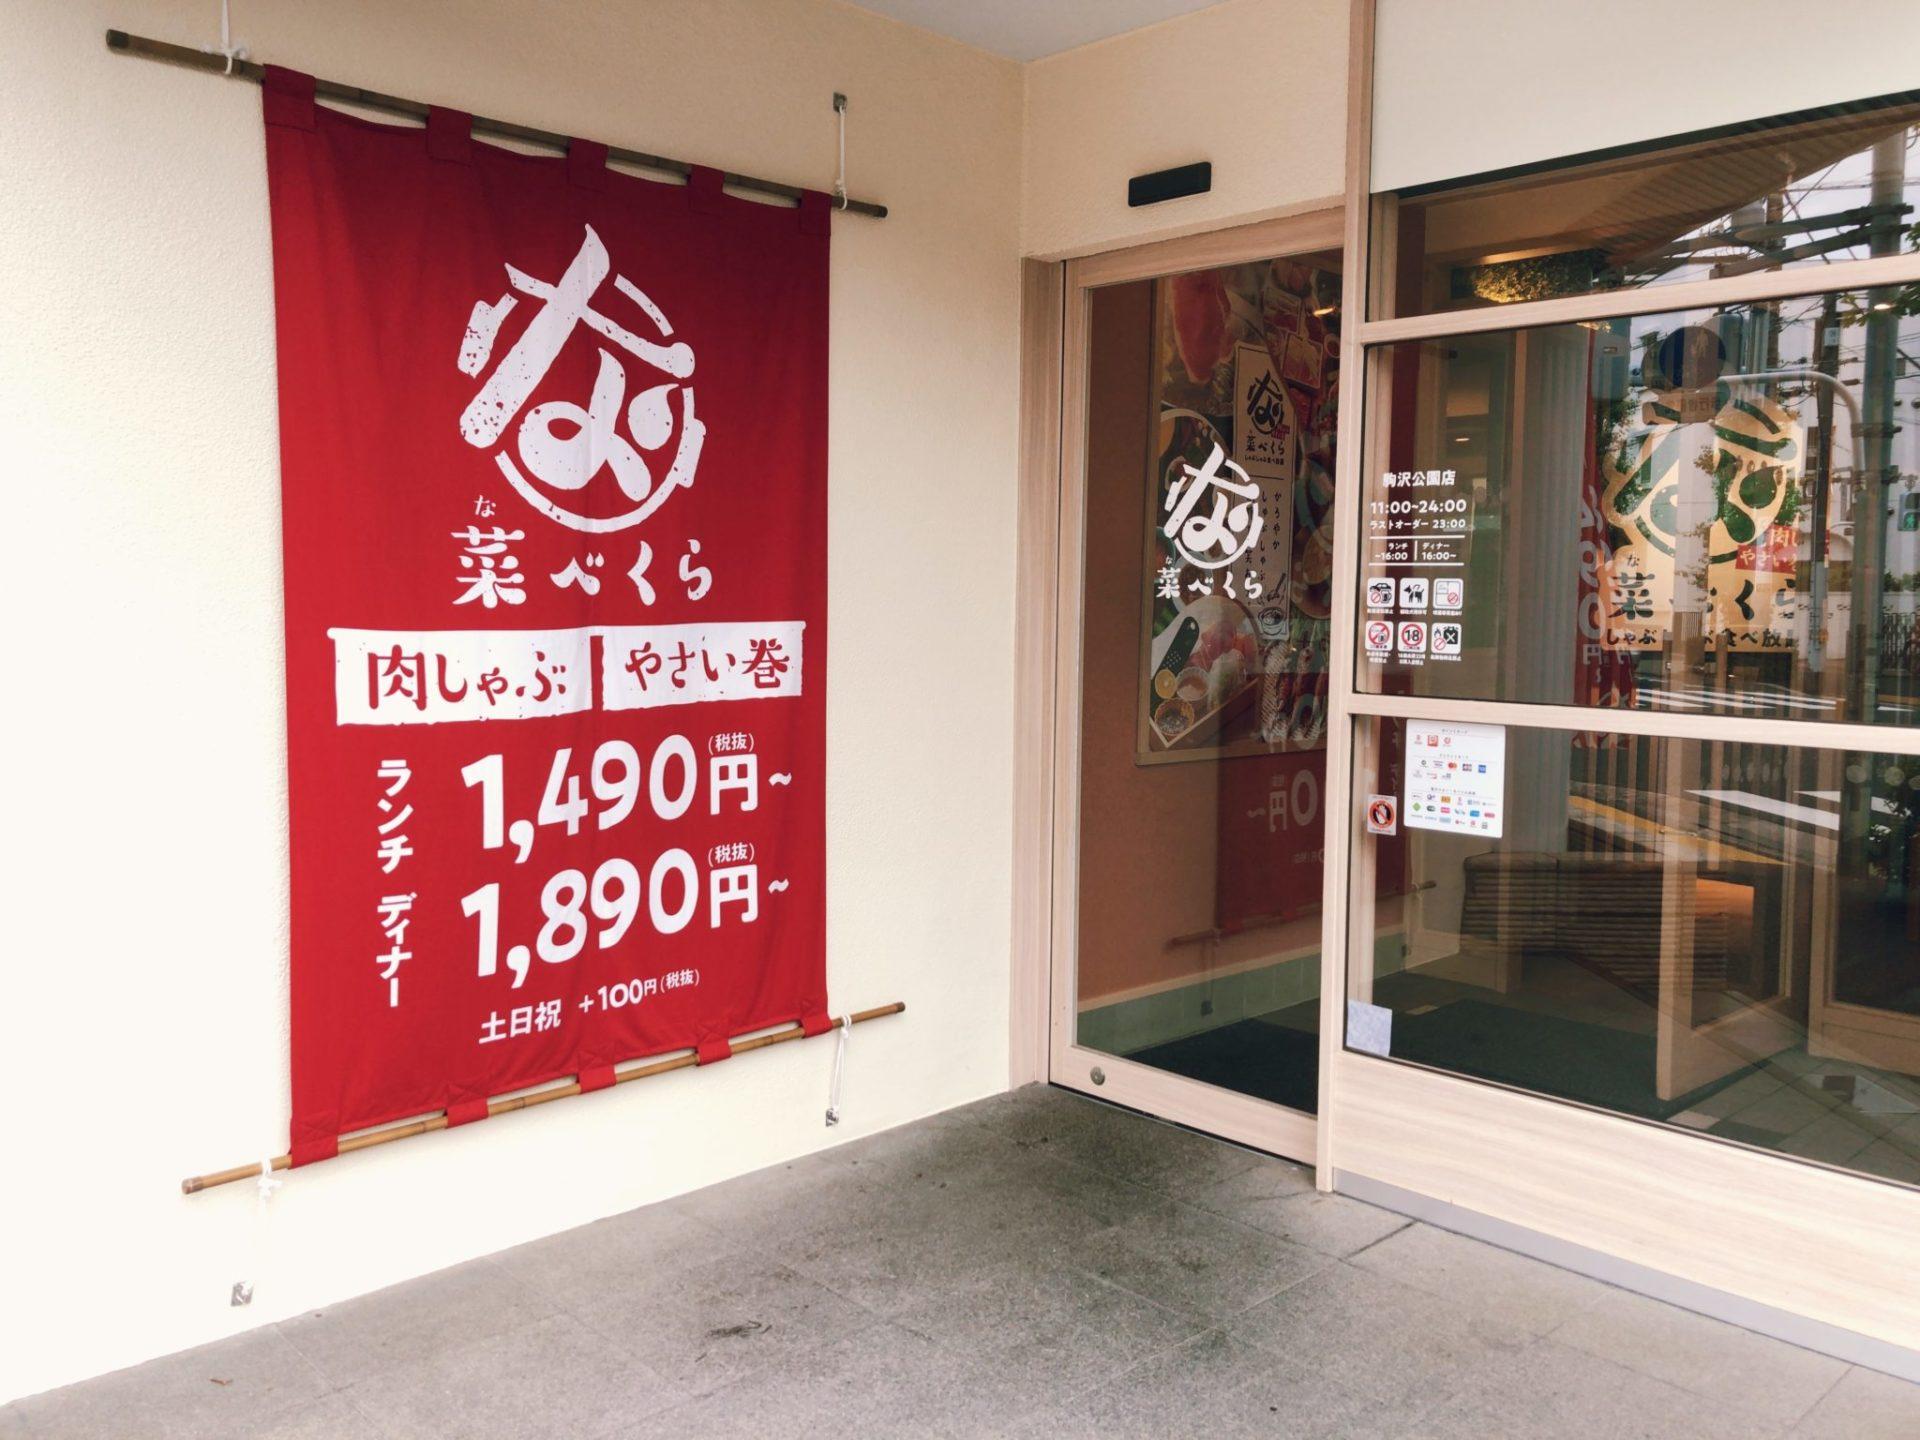 なべくら 駒沢公園店のエントランス